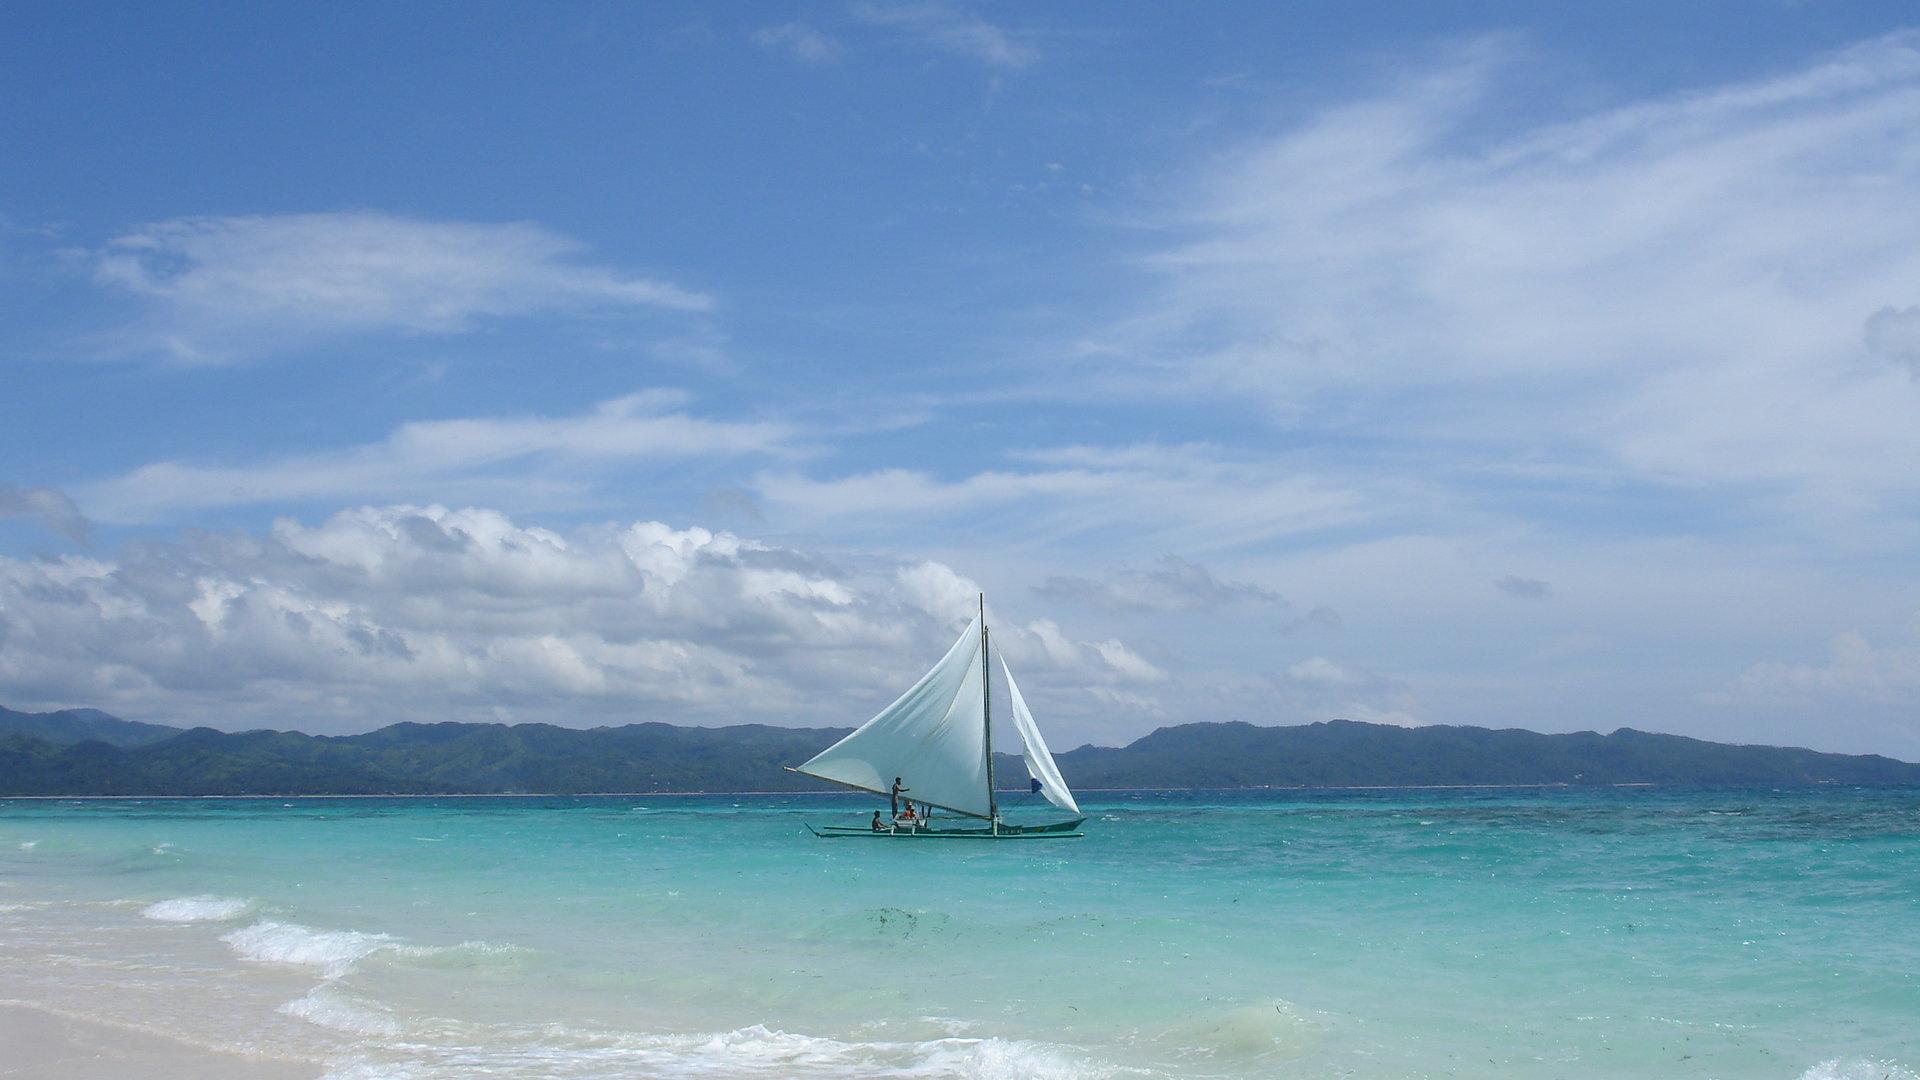 яхта парус море остров  № 3944516 бесплатно